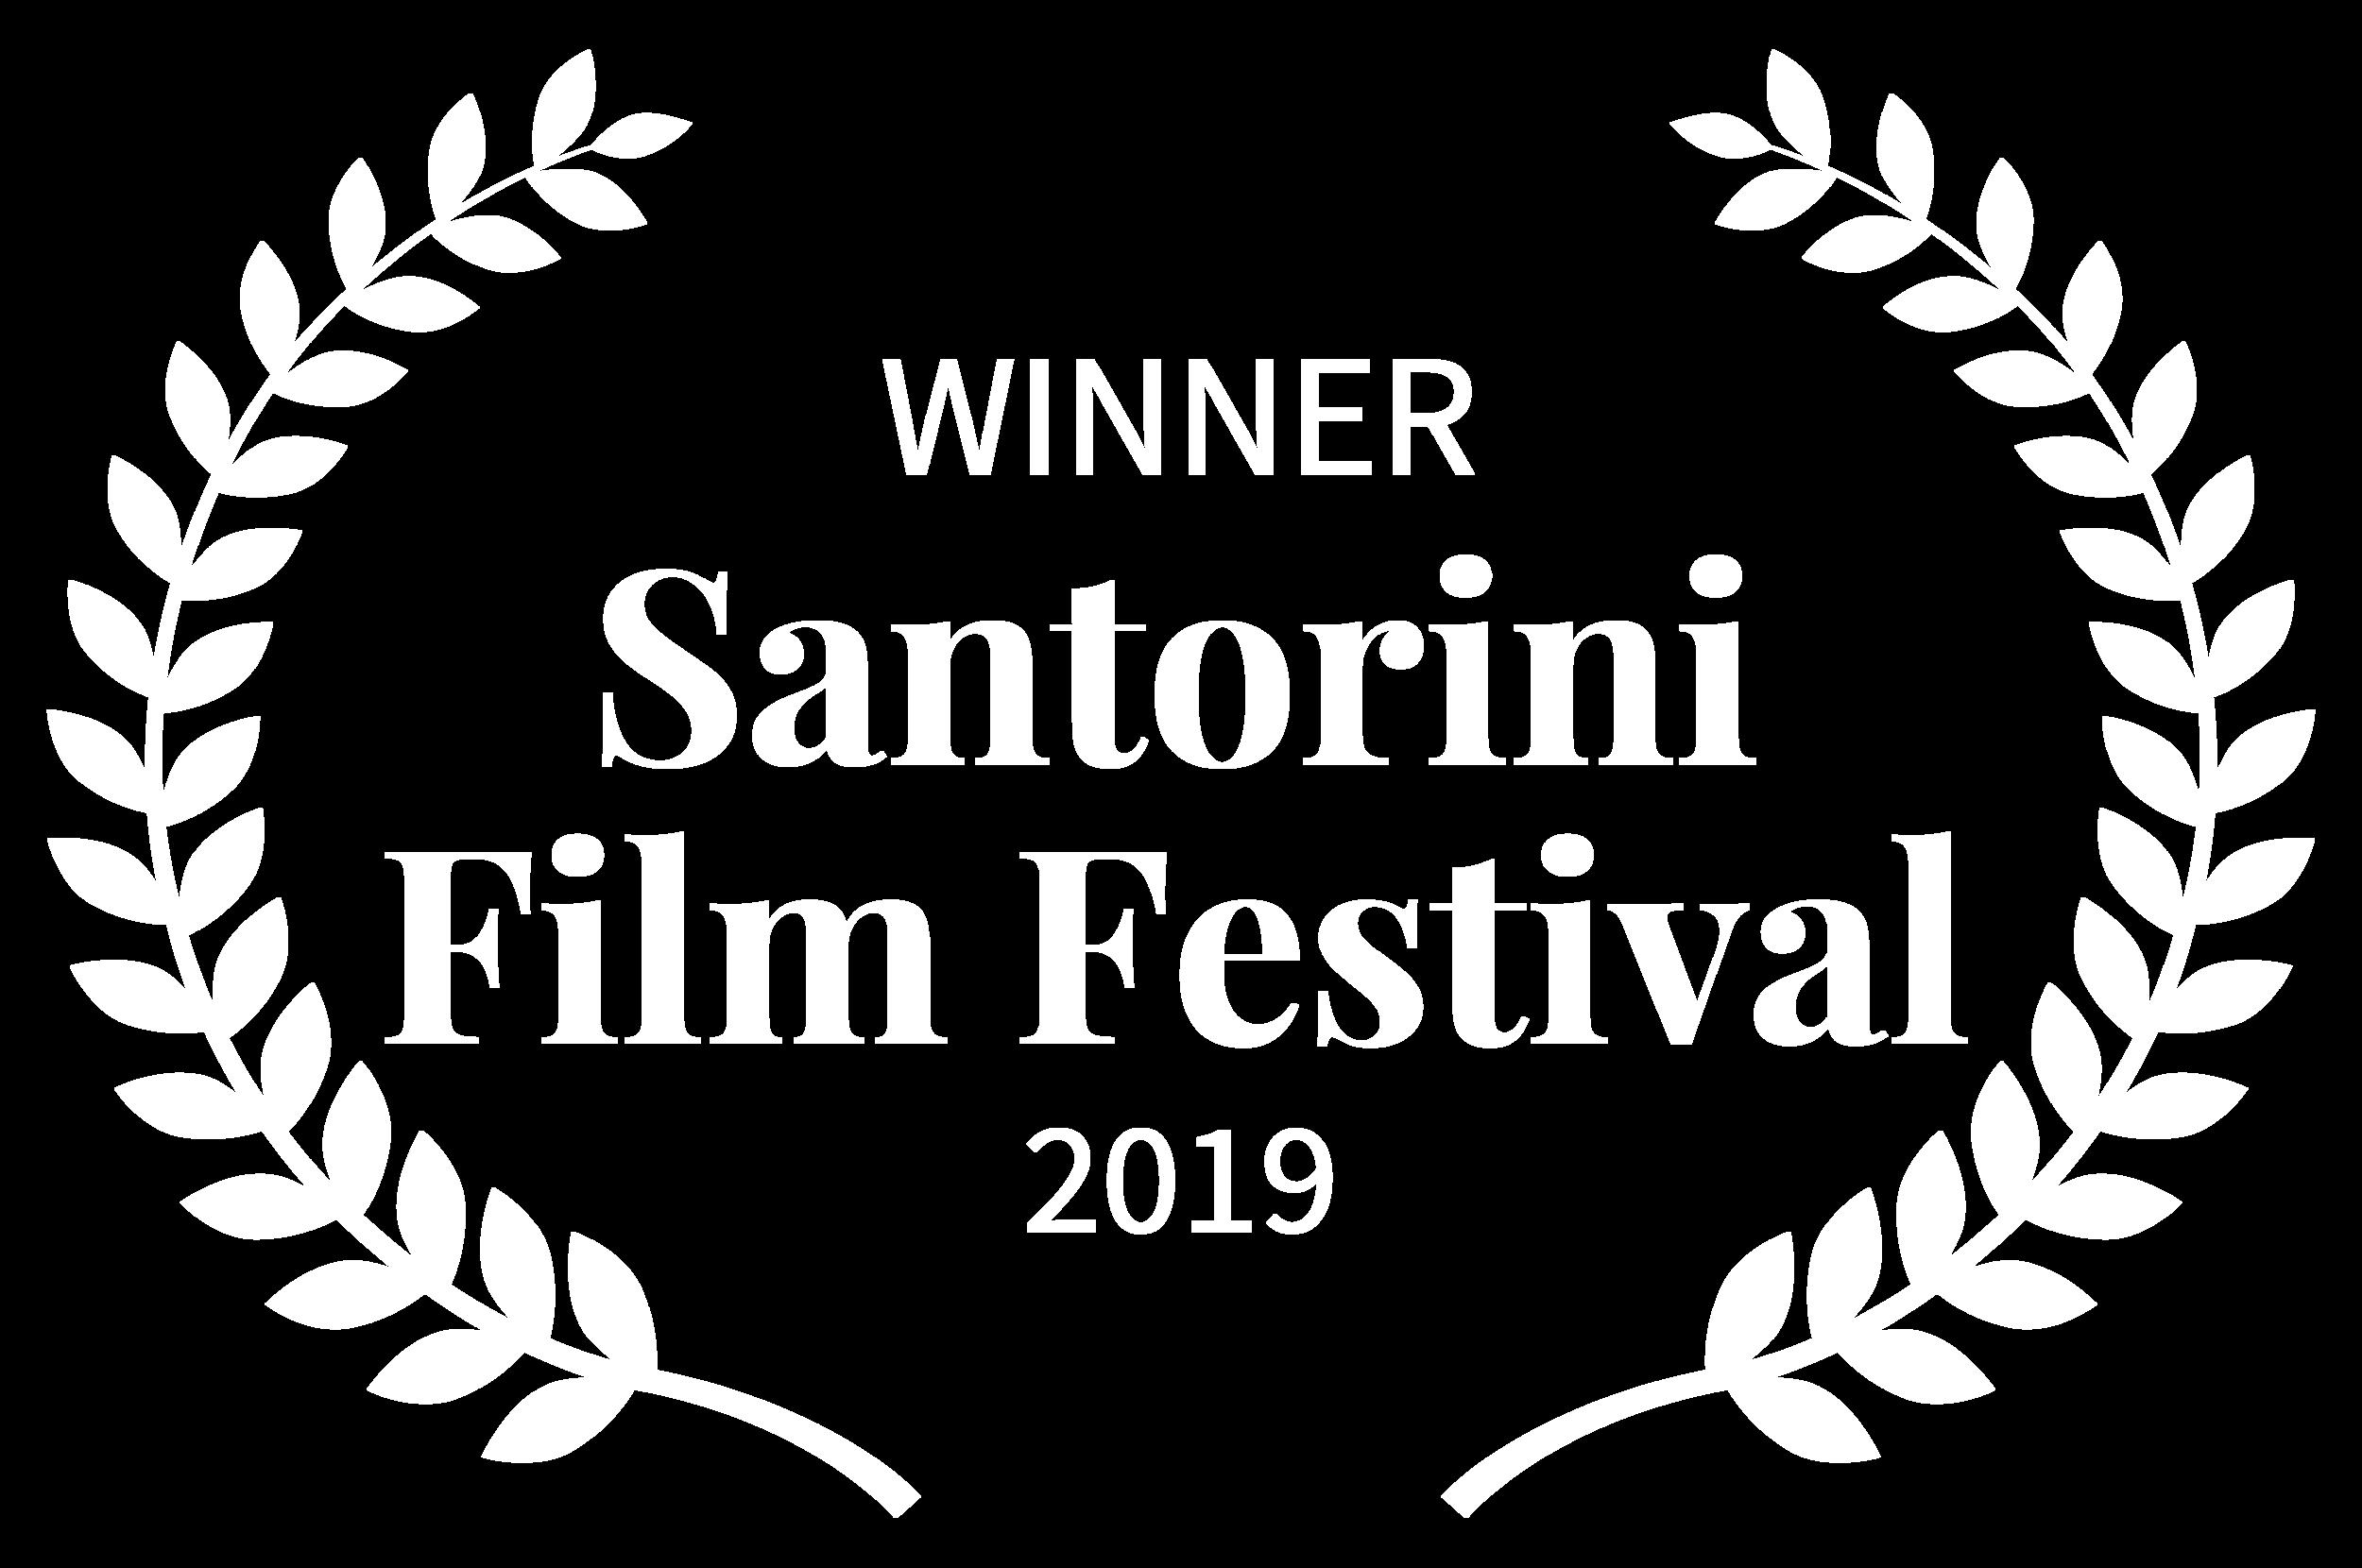 WINNER-SantoriniFilmFestival-2019 (1).png